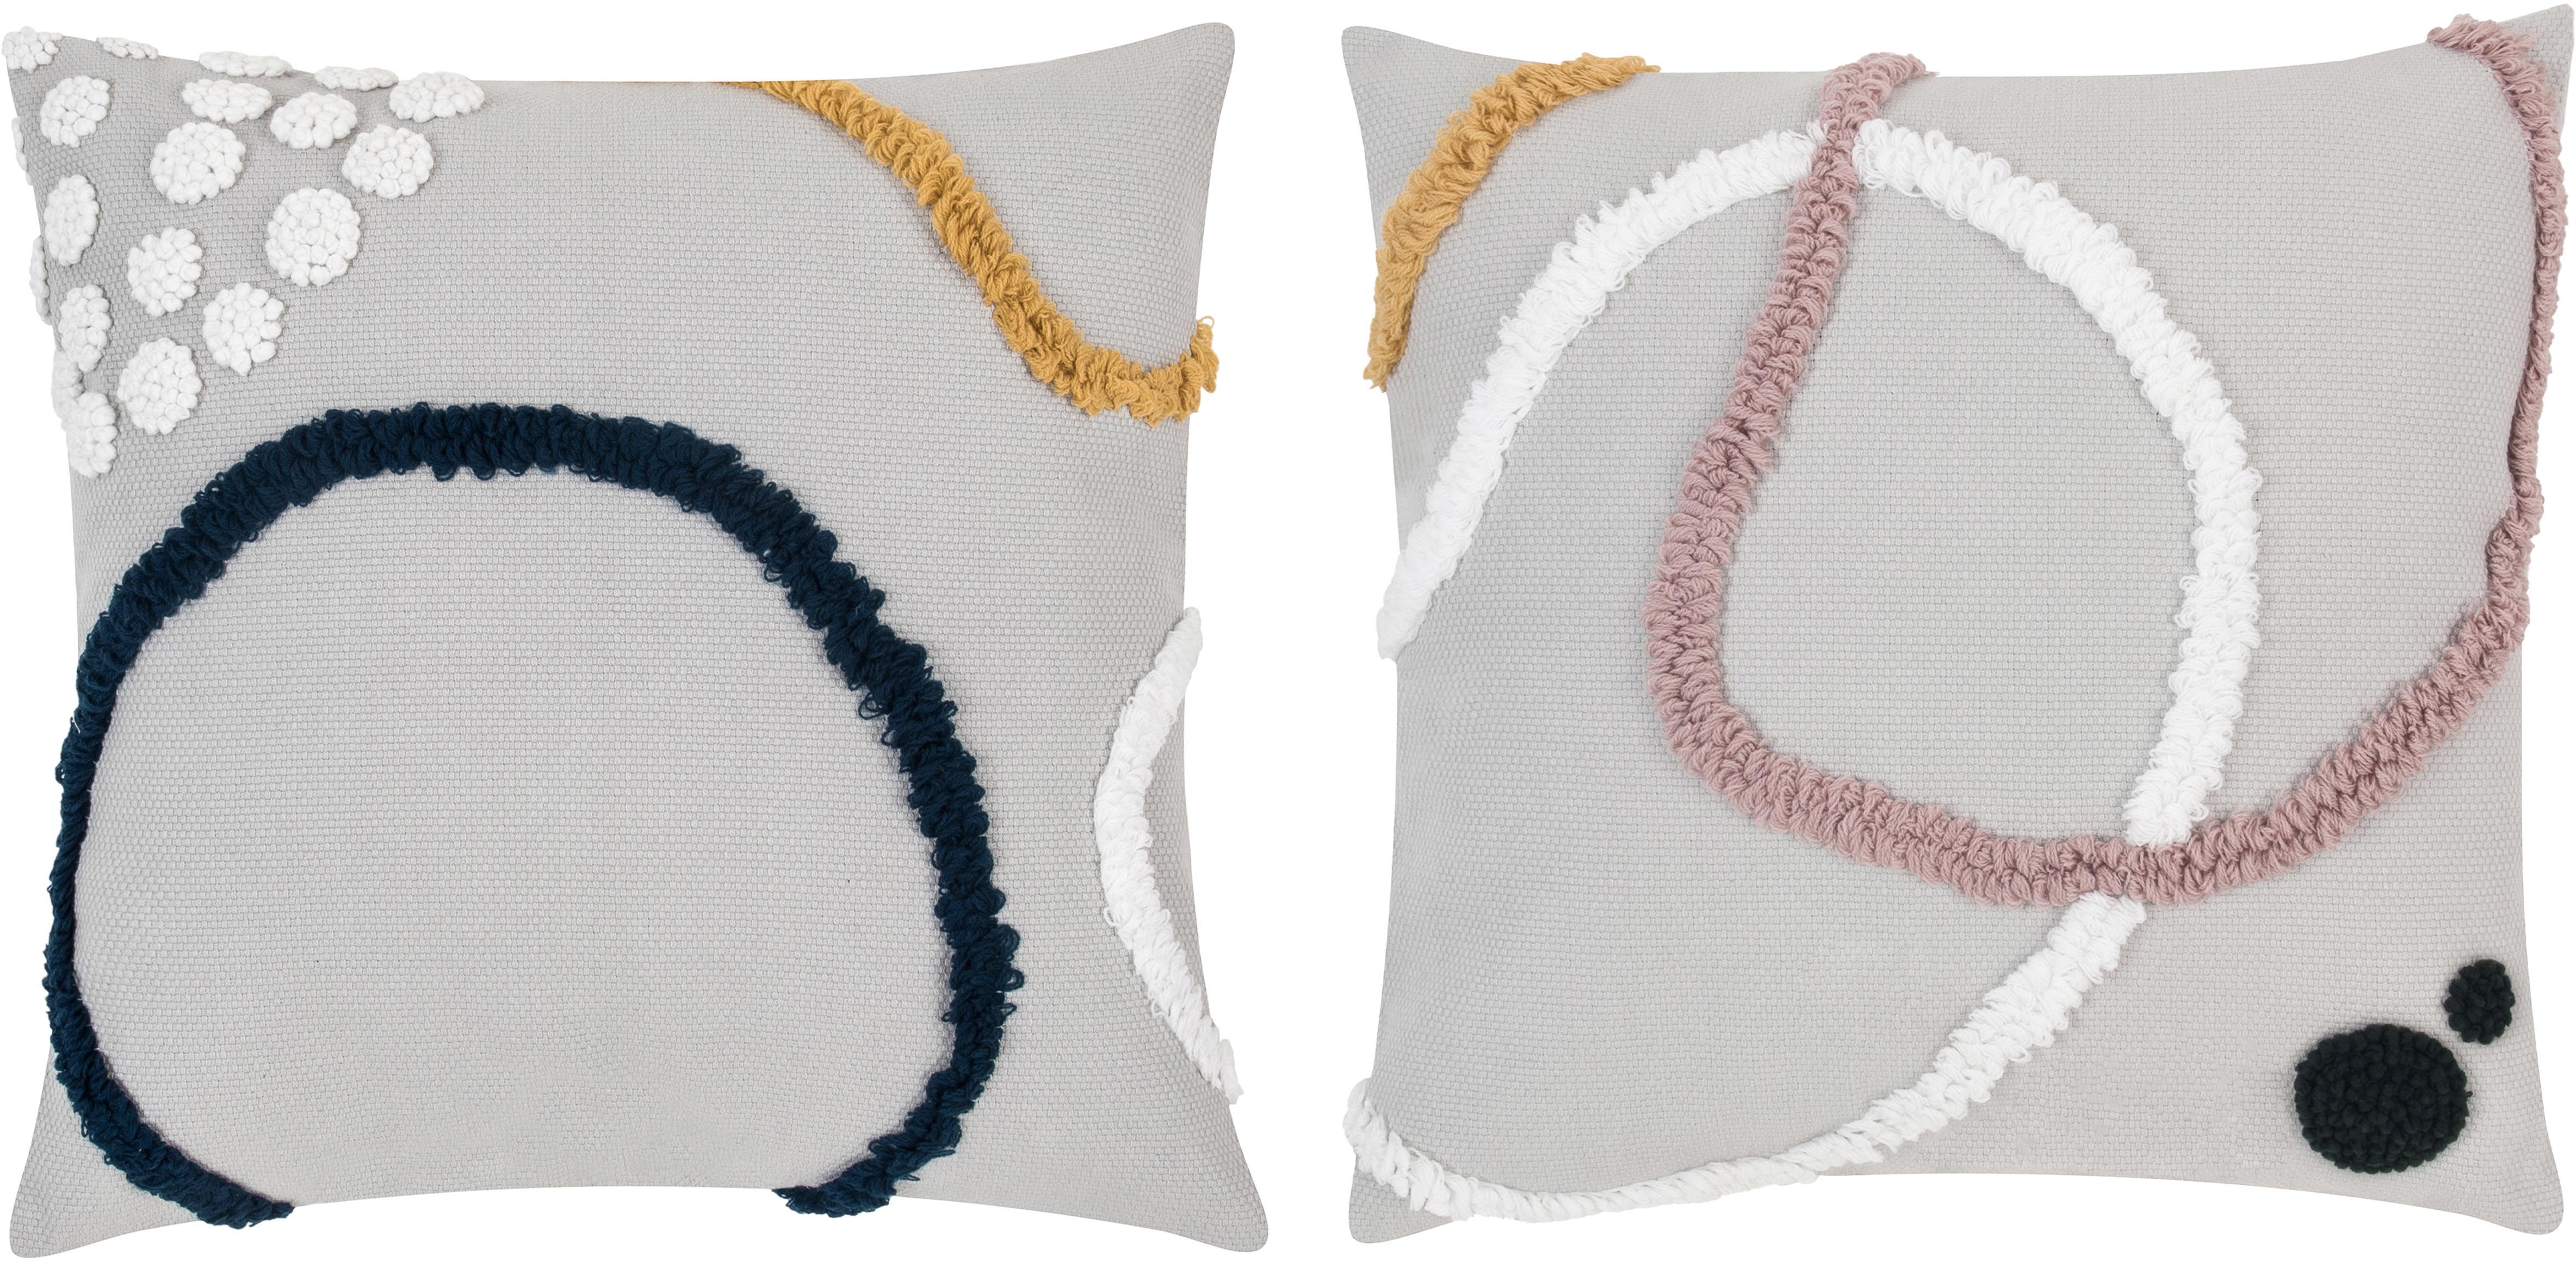 Poszewka na poduszkę Pablo, 2 szt., Bawełna, Przód: wielobarwny Tył: biały, S 45 x D 45 cm